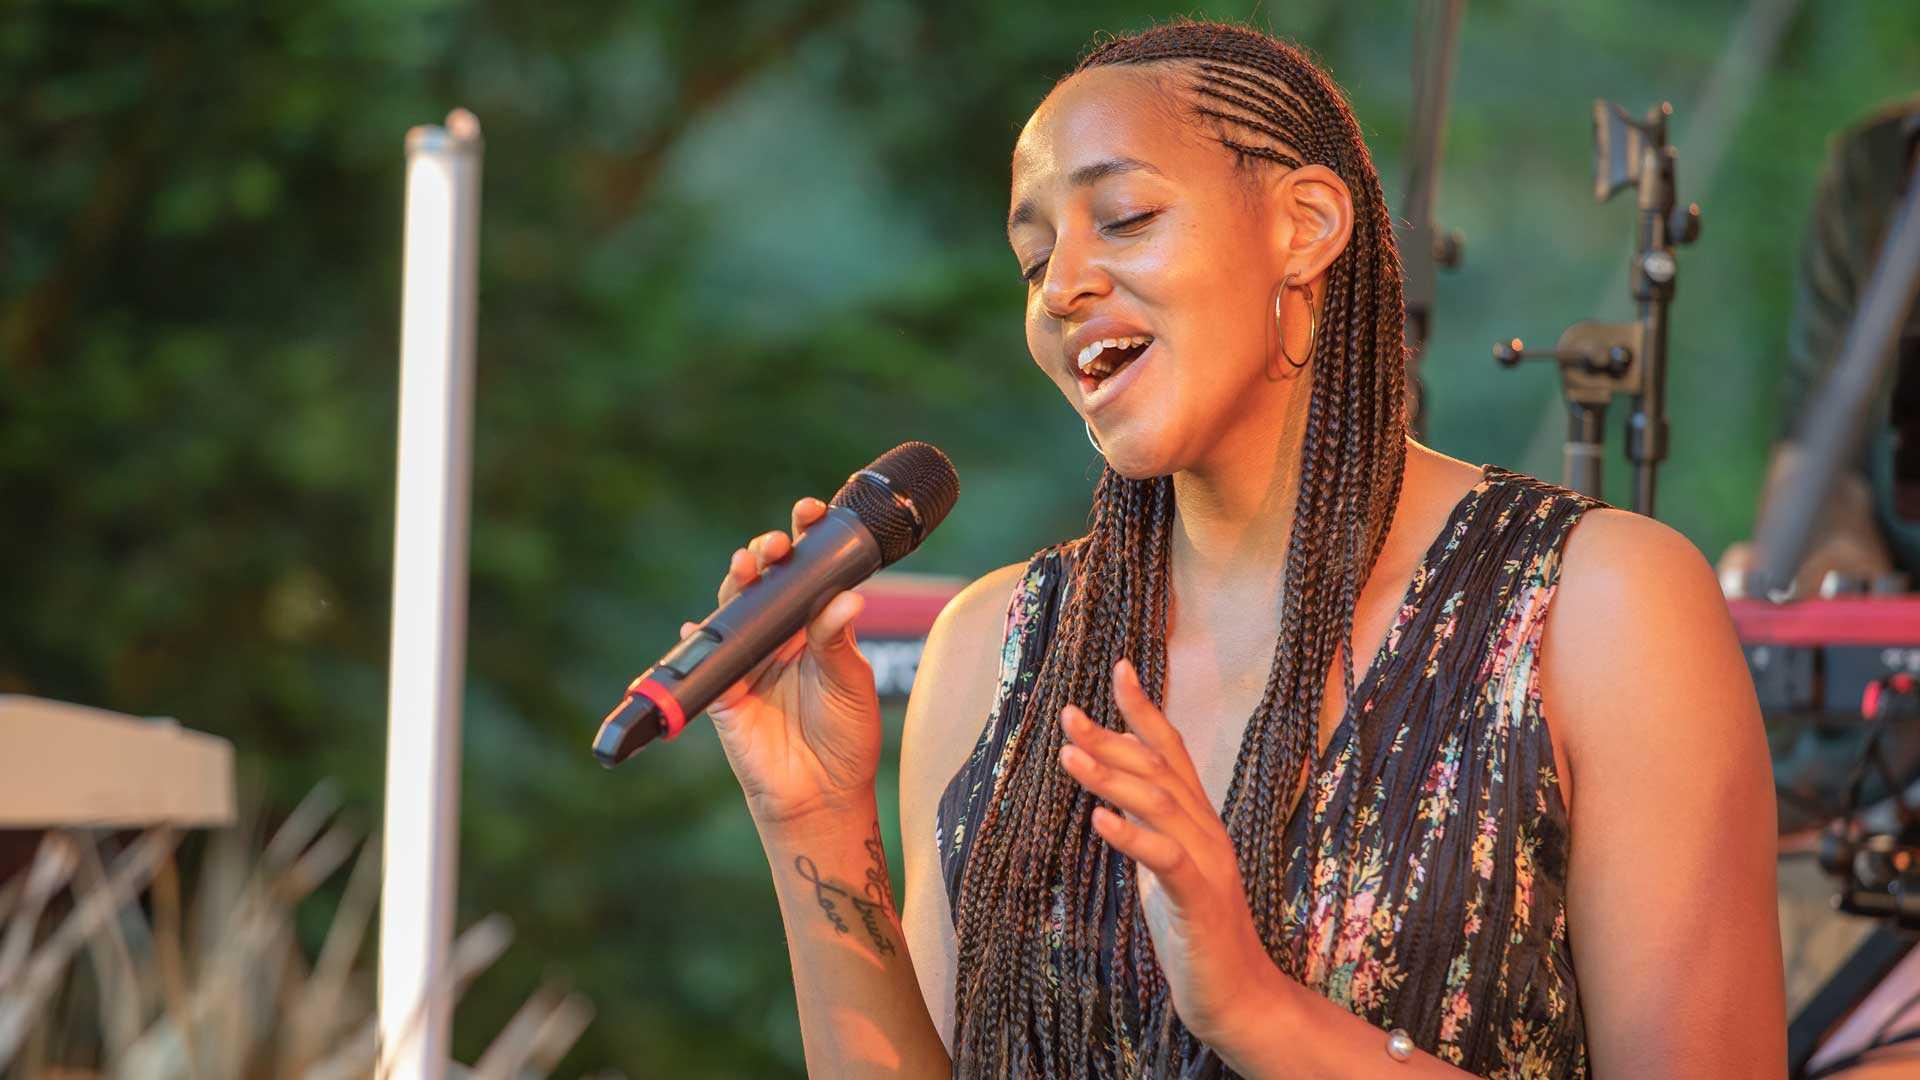 Weltwald: Cassandra Steen bei WWF Waldkonzert Flora Musica im Juni 2021 in Eberswalde.